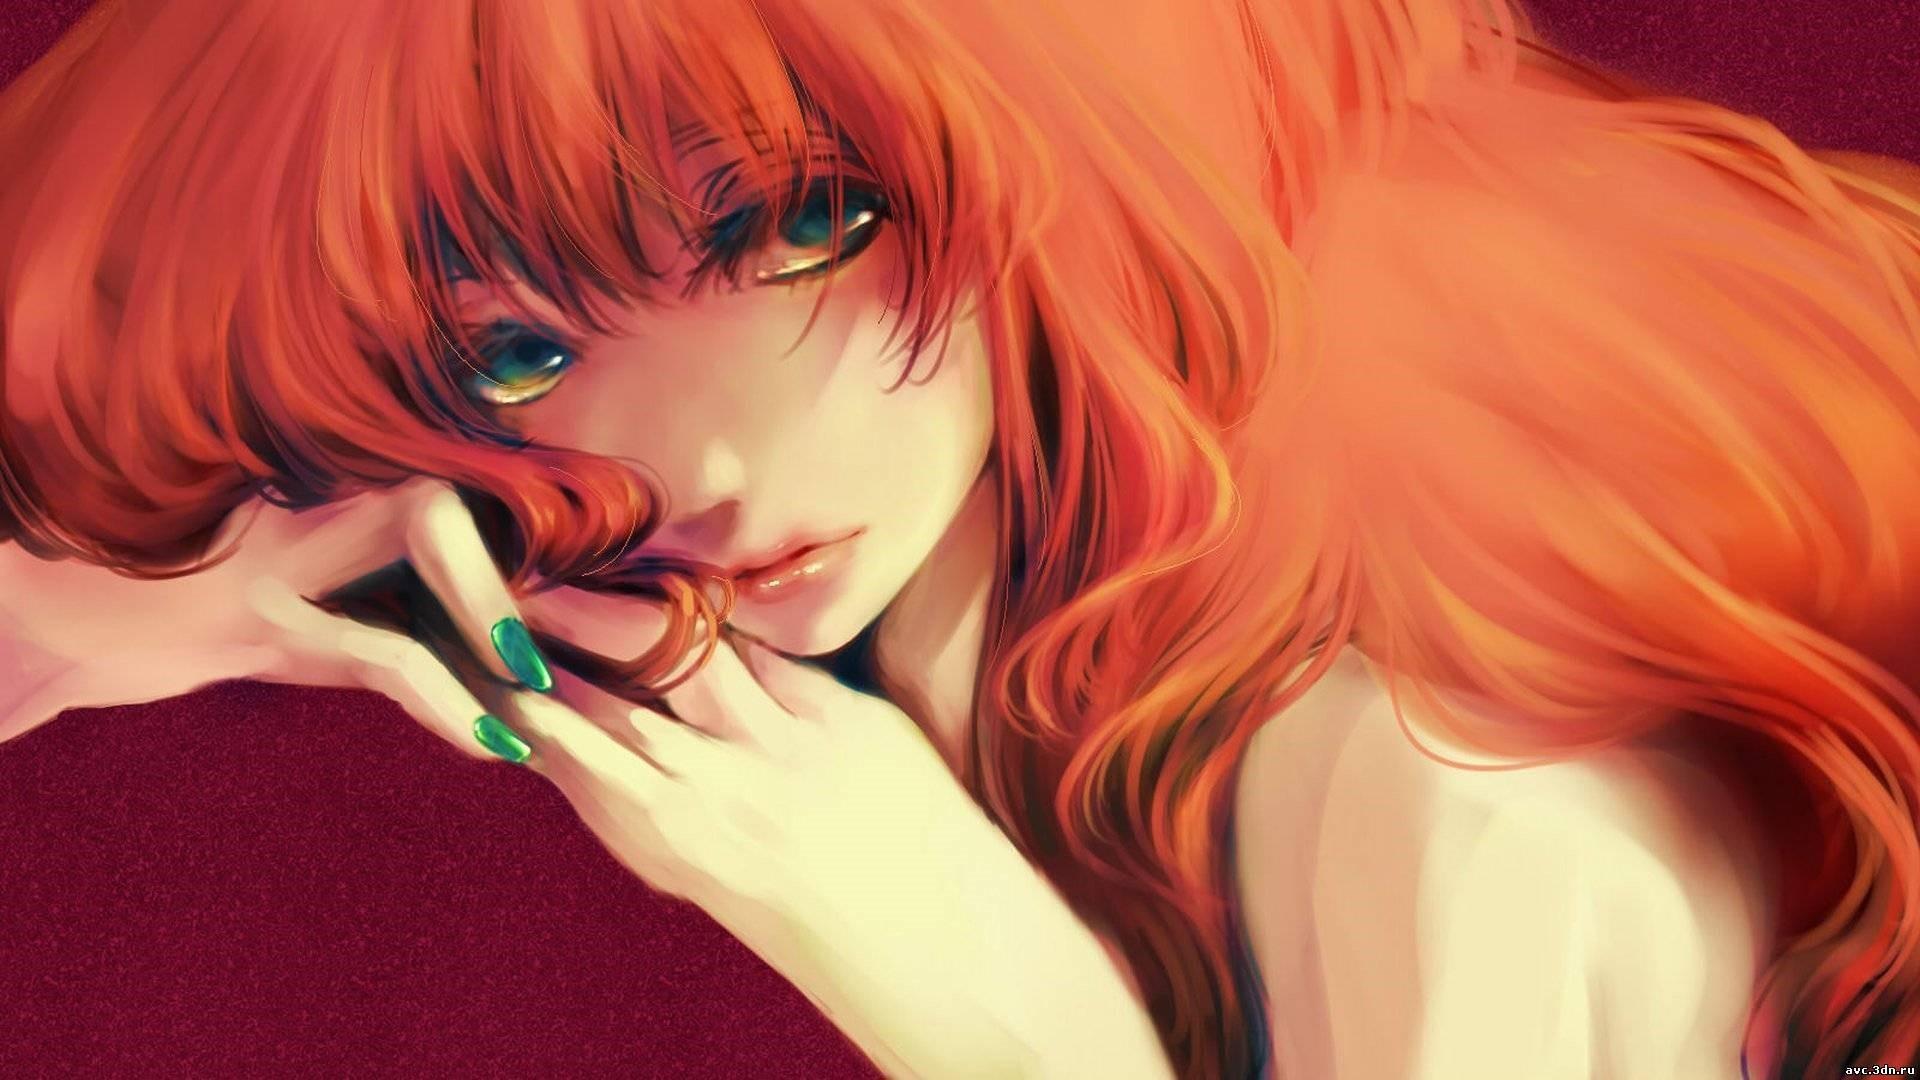 Red Hair Anime Girl Background Wallpaper